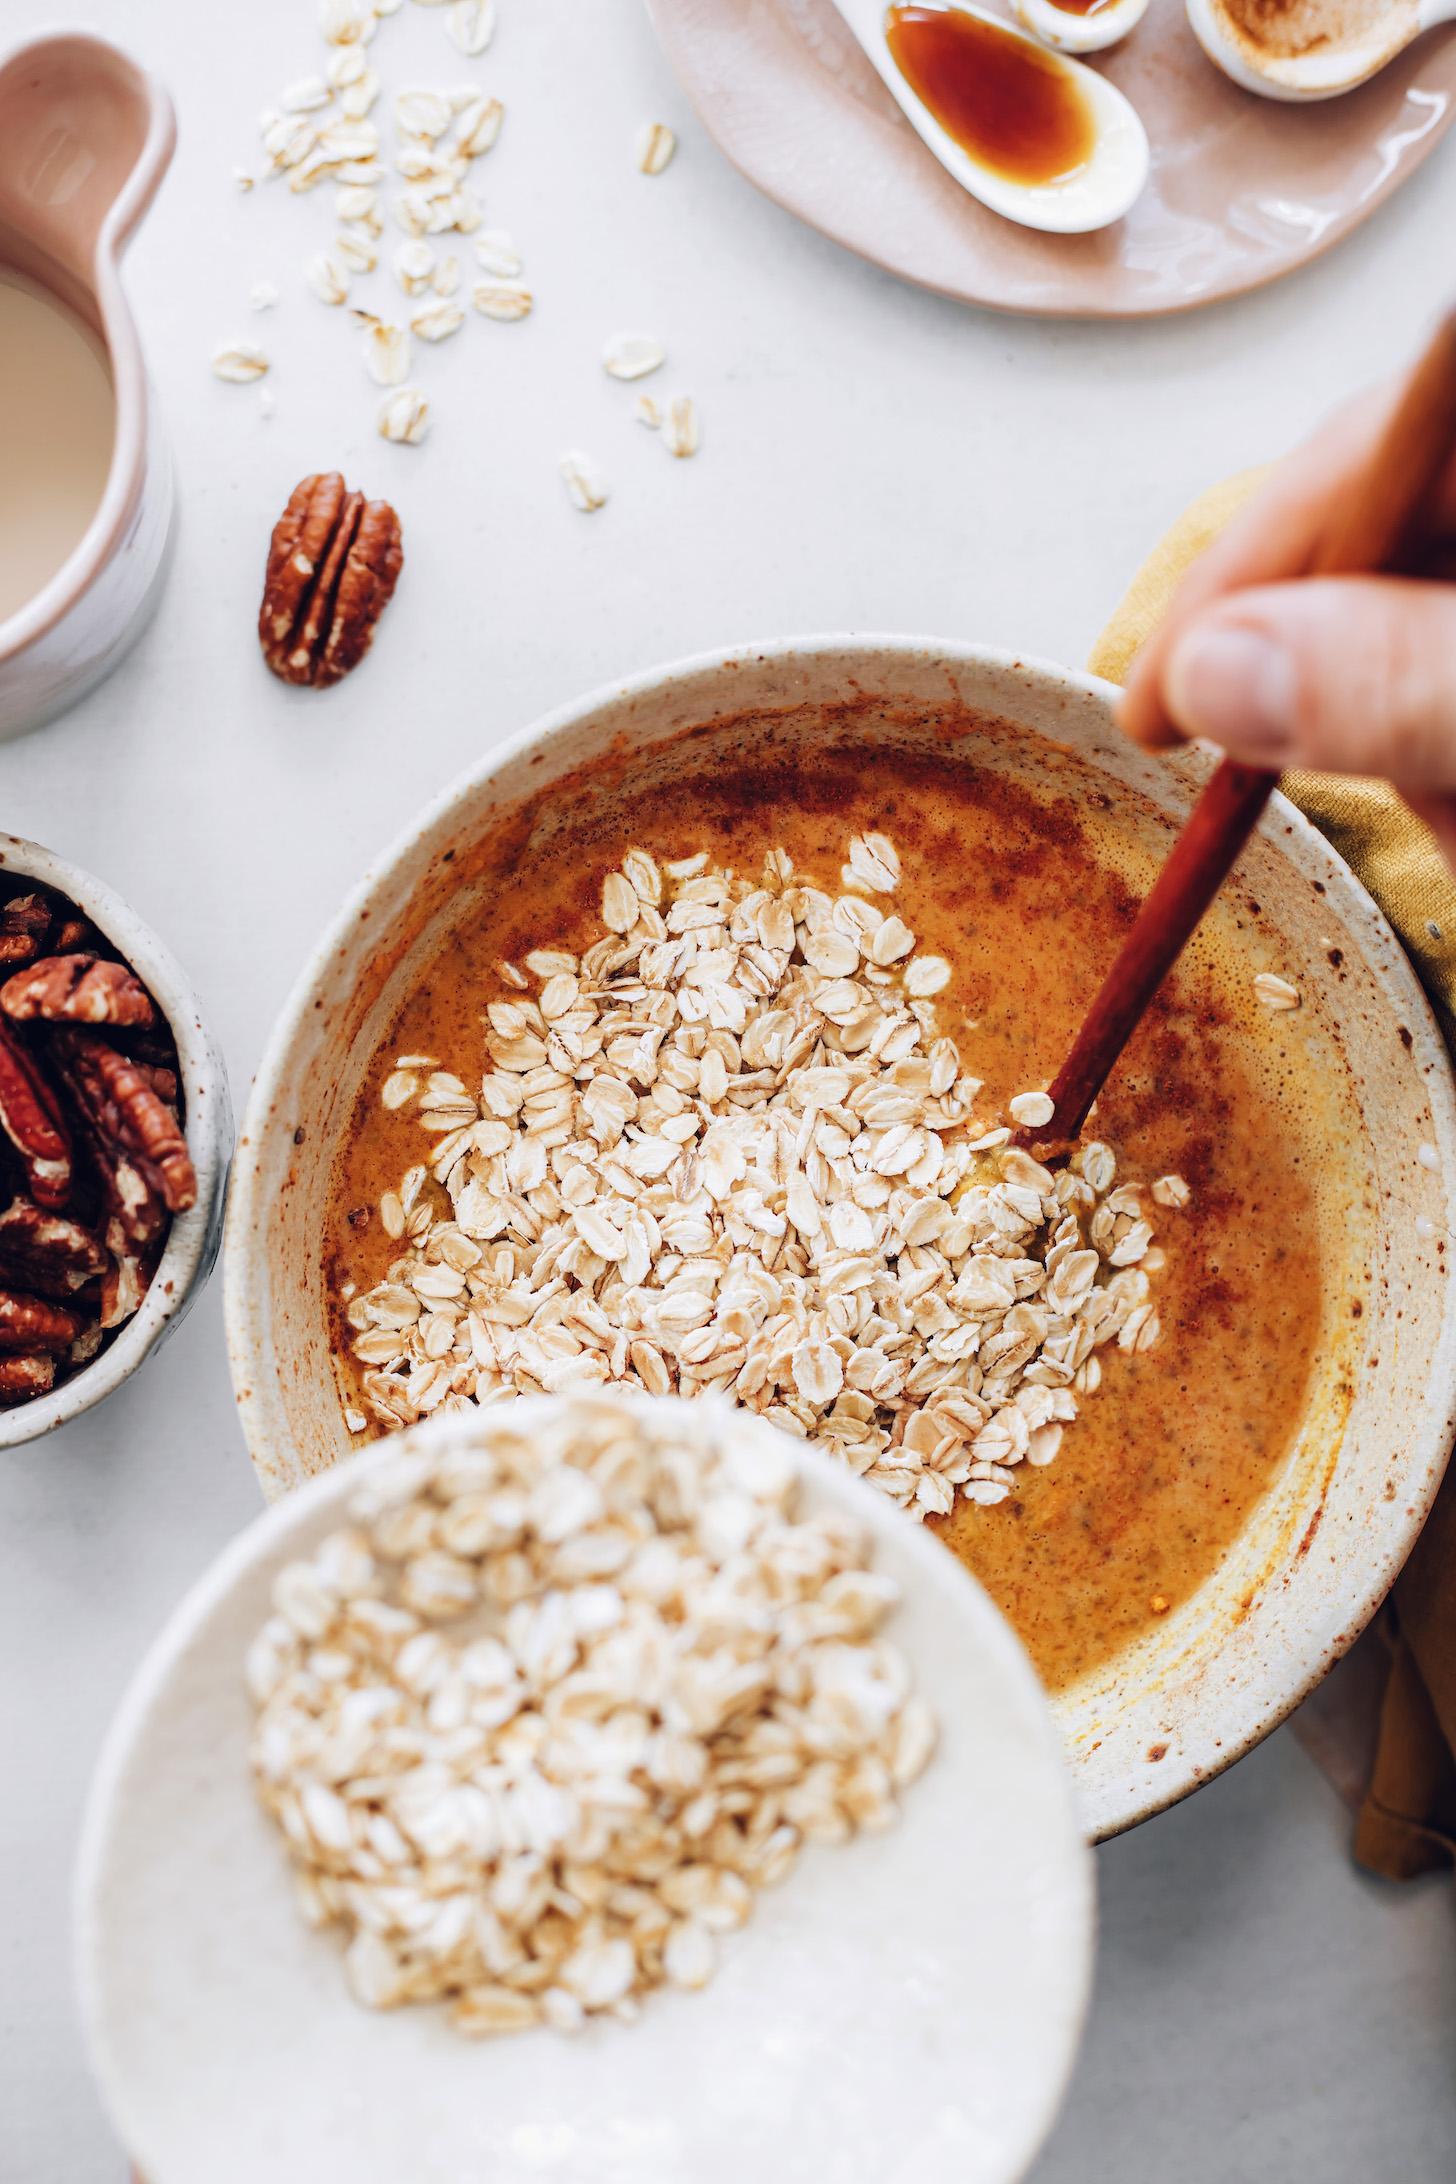 Verser les flocons d'avoine dans un bol de purée de citrouille, de lait d'amande et d'autres ingrédients humides